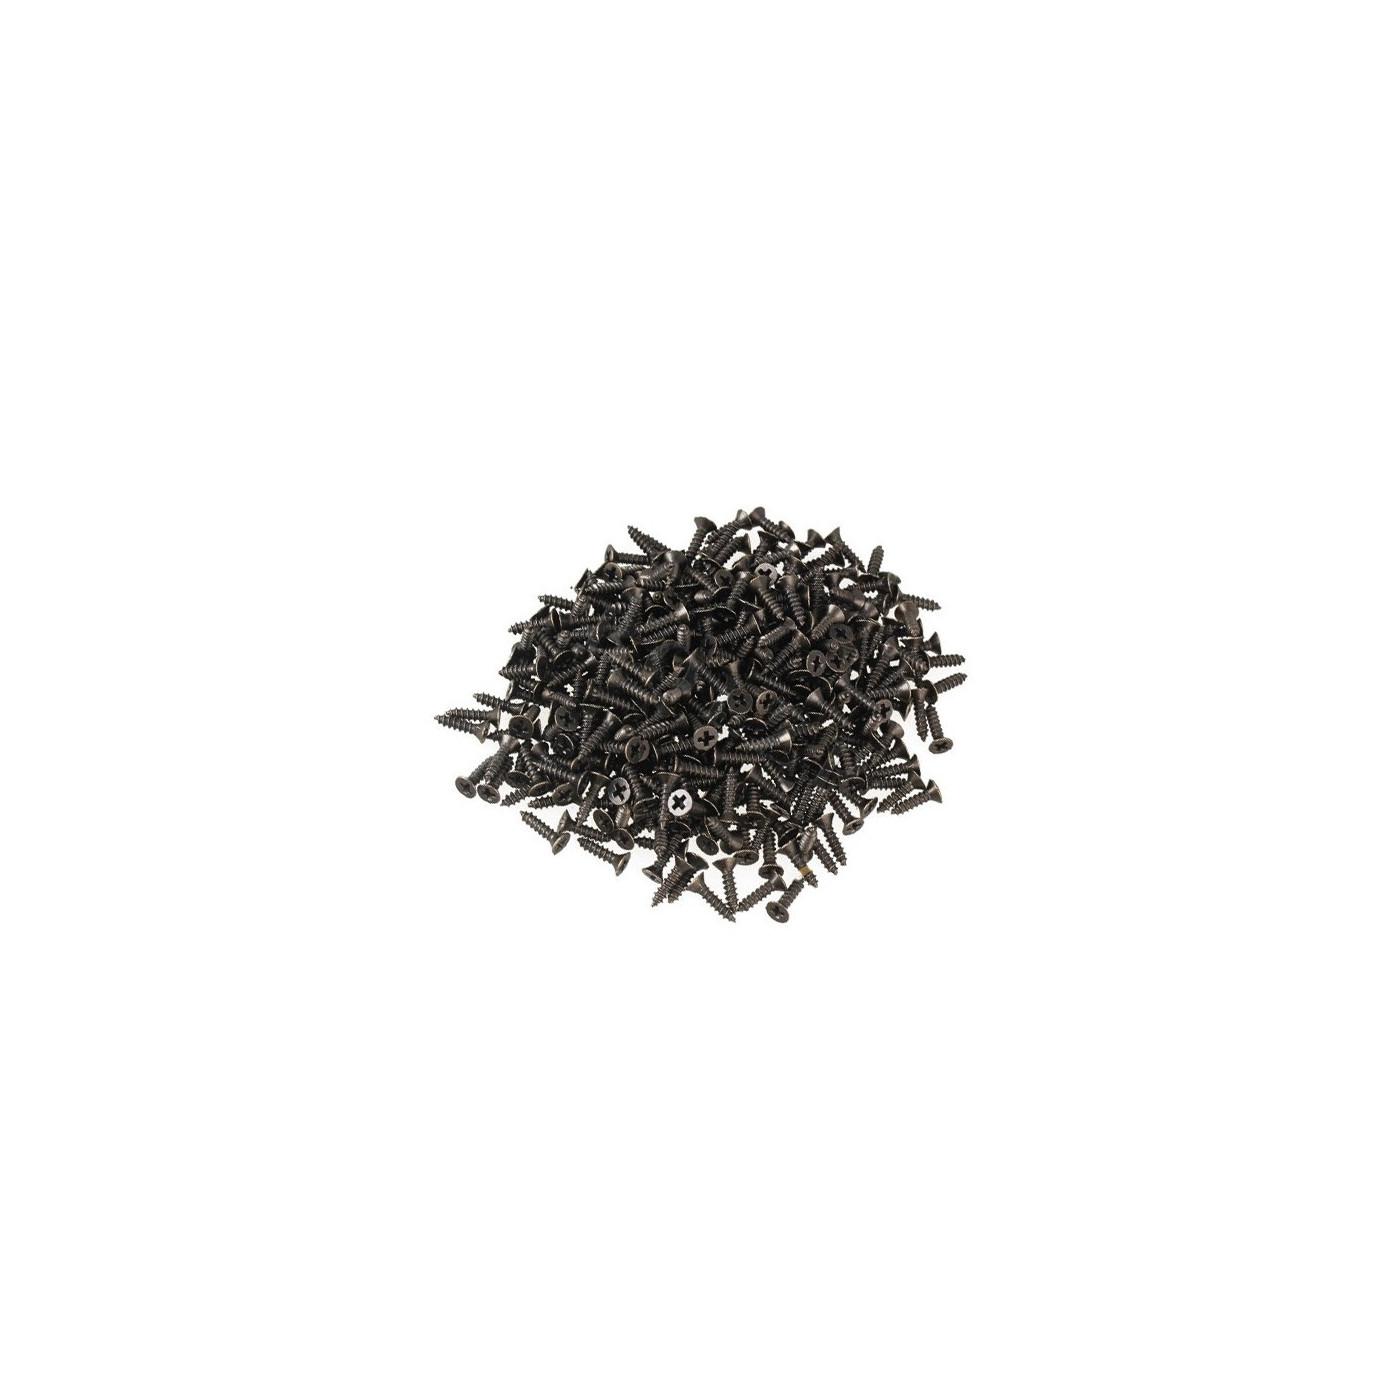 Zestaw 300 mini śrub (2,5 x 8 mm, wpuszczany, kolor brązowy)